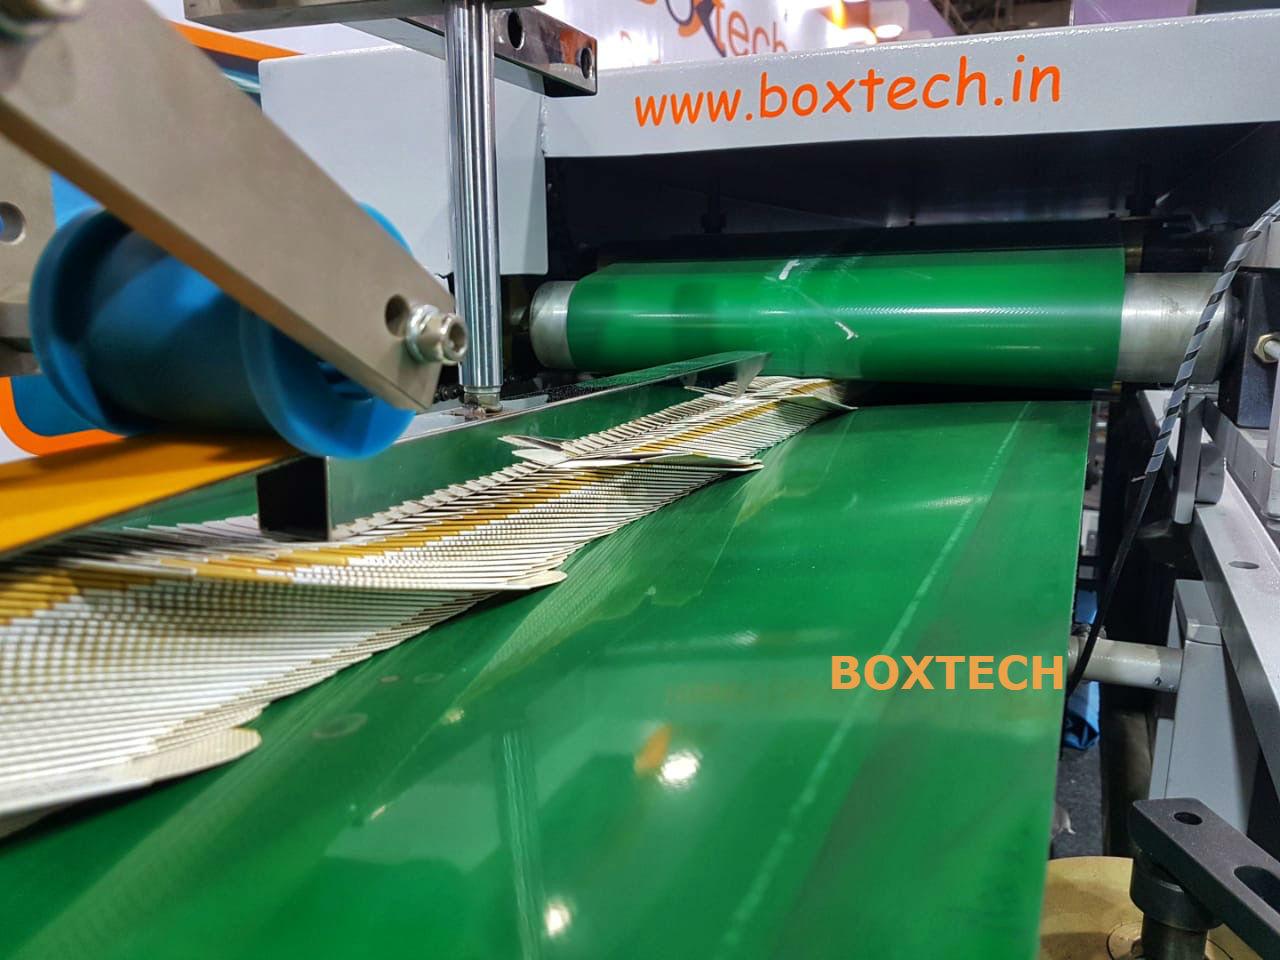 Boxtech Carton Collector Machine